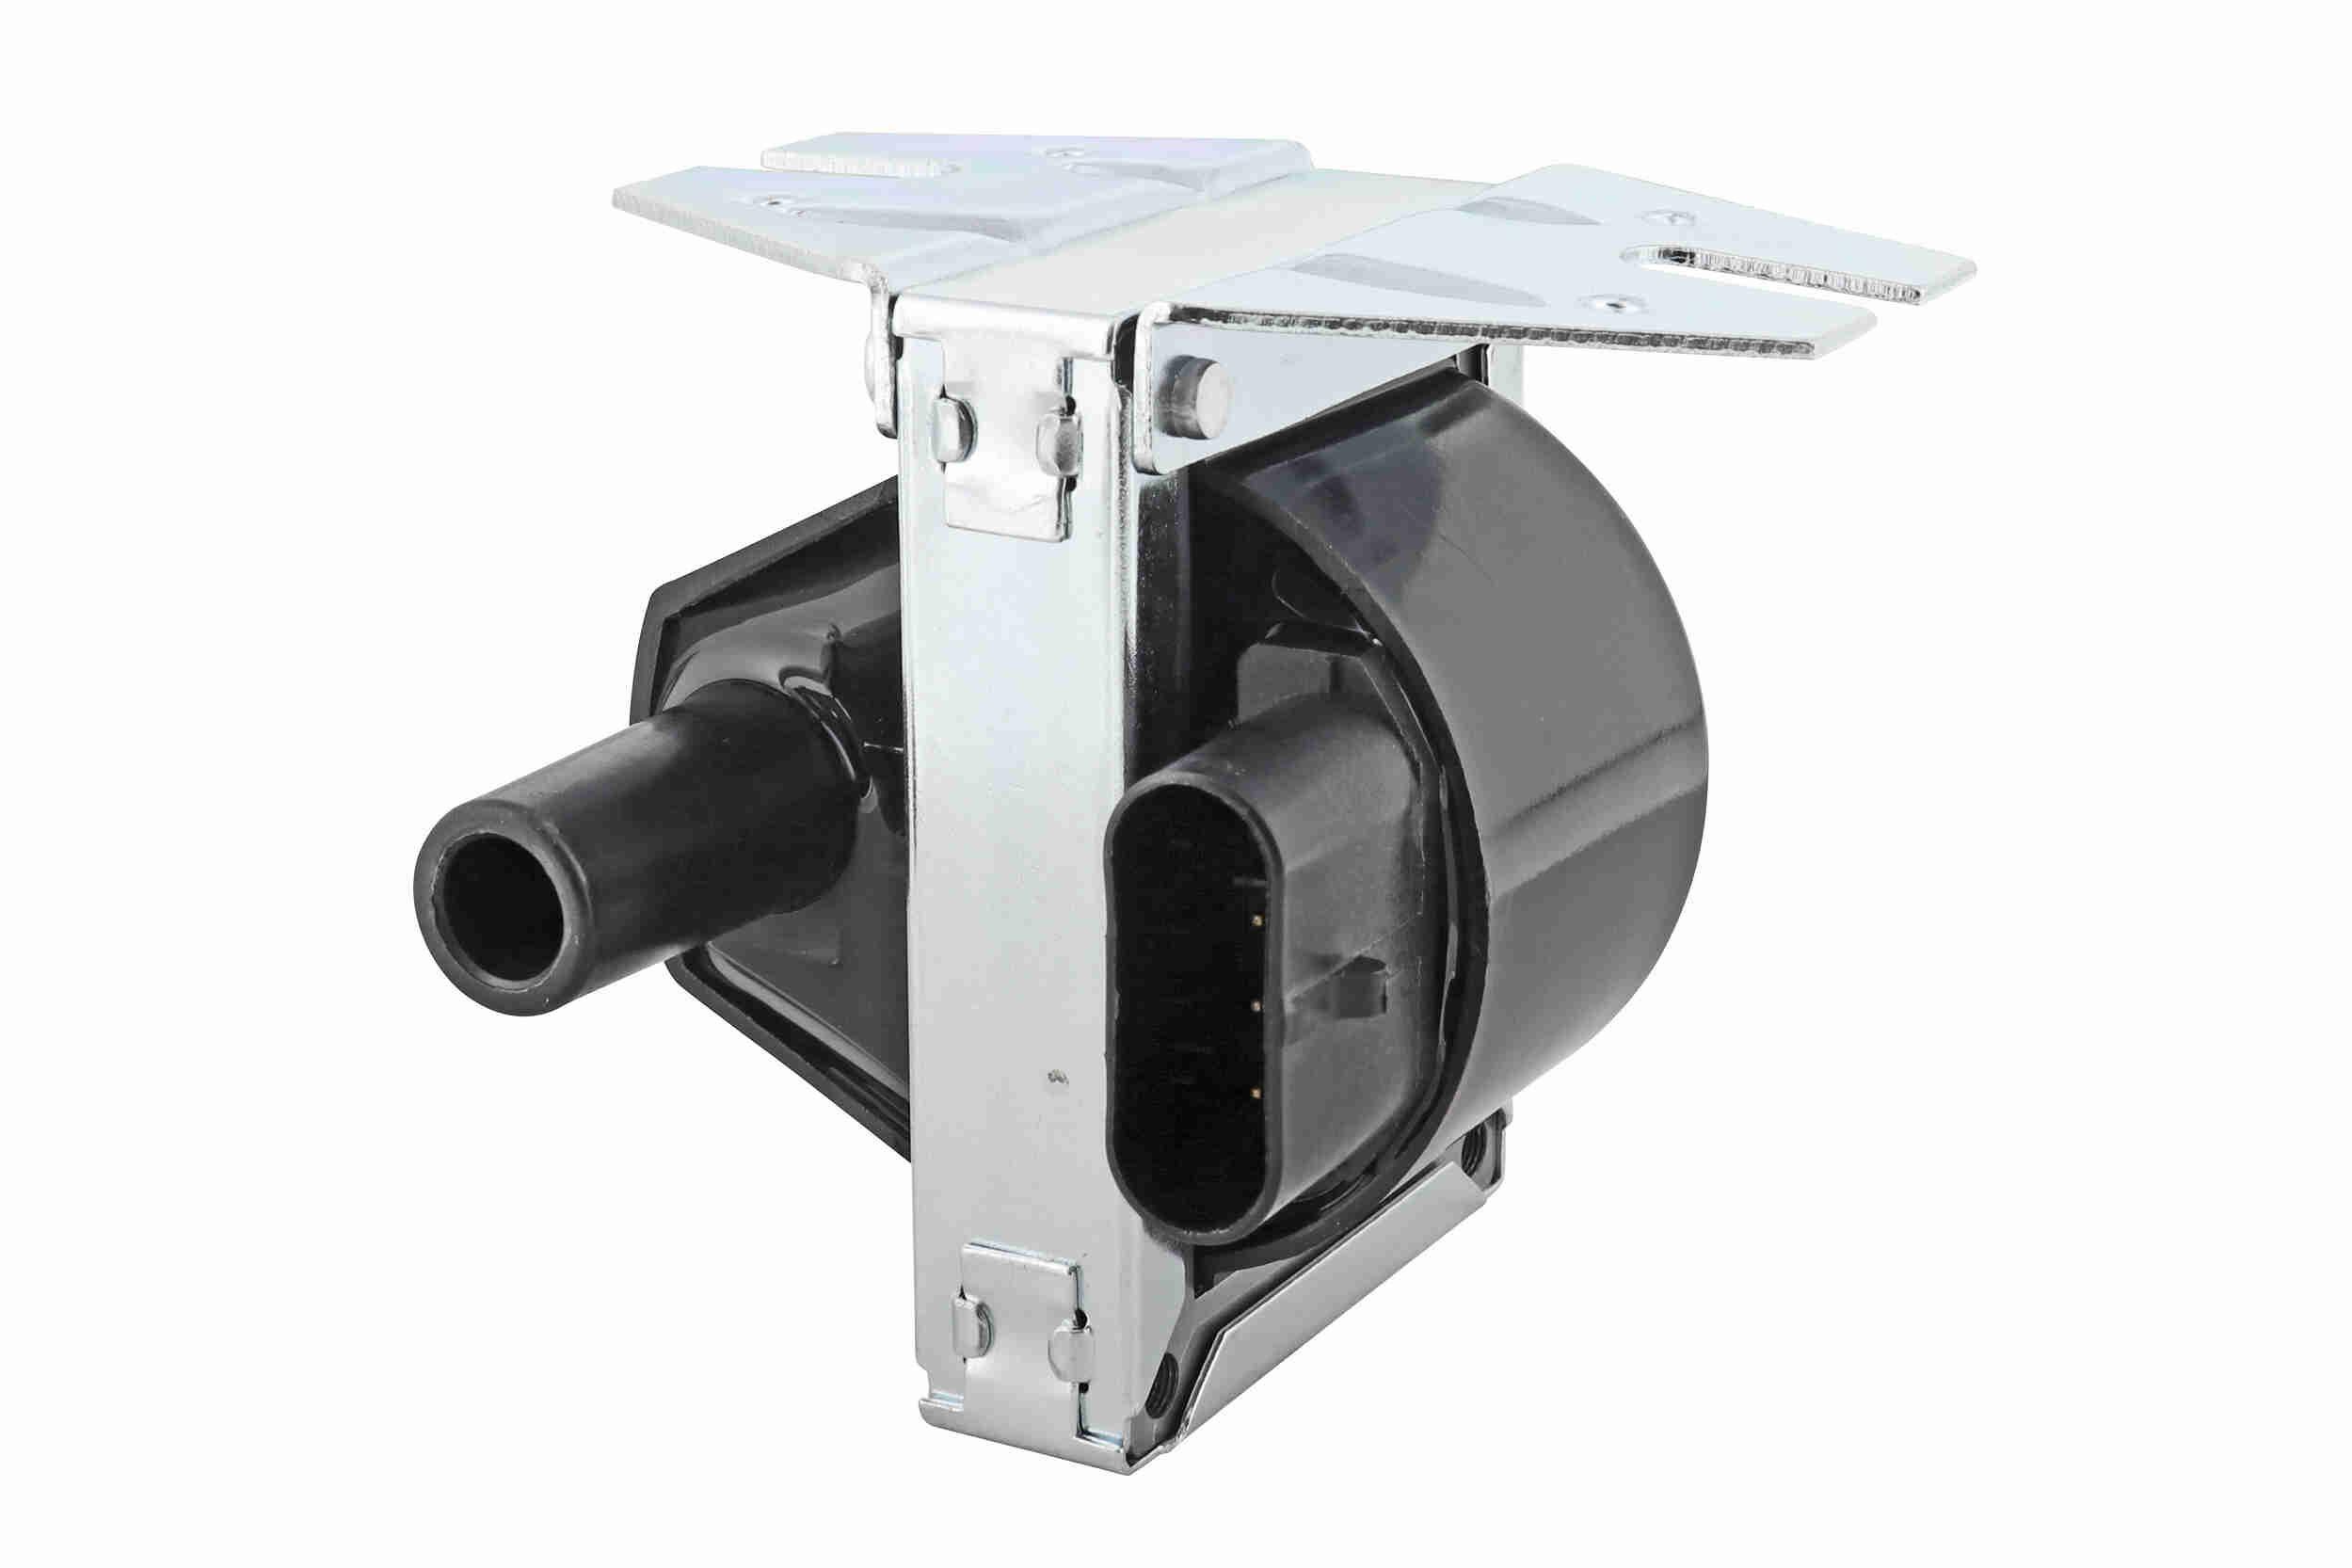 Einzelzündspule V24-70-0012 VEMO V24-70-0012 in Original Qualität